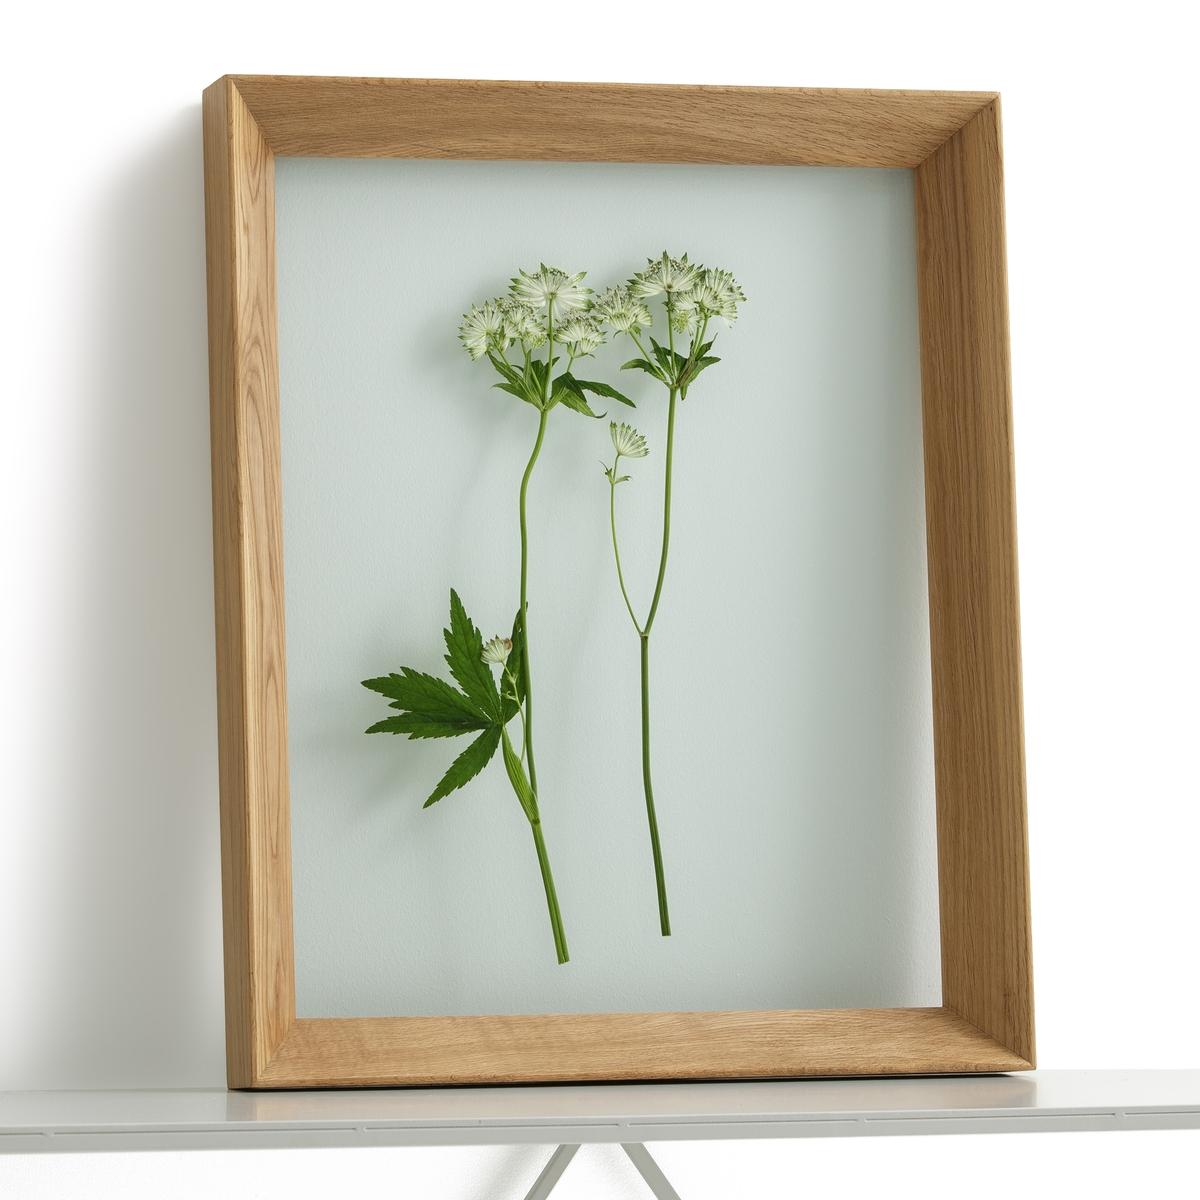 Рамка с двойным стеклом Ш40 x В50 см, MoriceyРамка Moricey. Элегантная рамка со скошенными краями идеальна для размещения фотографий, плакатов или репродукций. Фон рамки из прозрачного стекла позволяет размещение фотографий без использования паспарту, что делает её более легкой.Описание : - Двойное стекло- Рамка из массива дуба или из массива орехового дерева- Пластины сзади для настенного крепления (болты и дюбели в комплект не входят)Размеры : - Ш40 x В50 x Г5,6 см<br><br>Цвет: дуб,ореховый